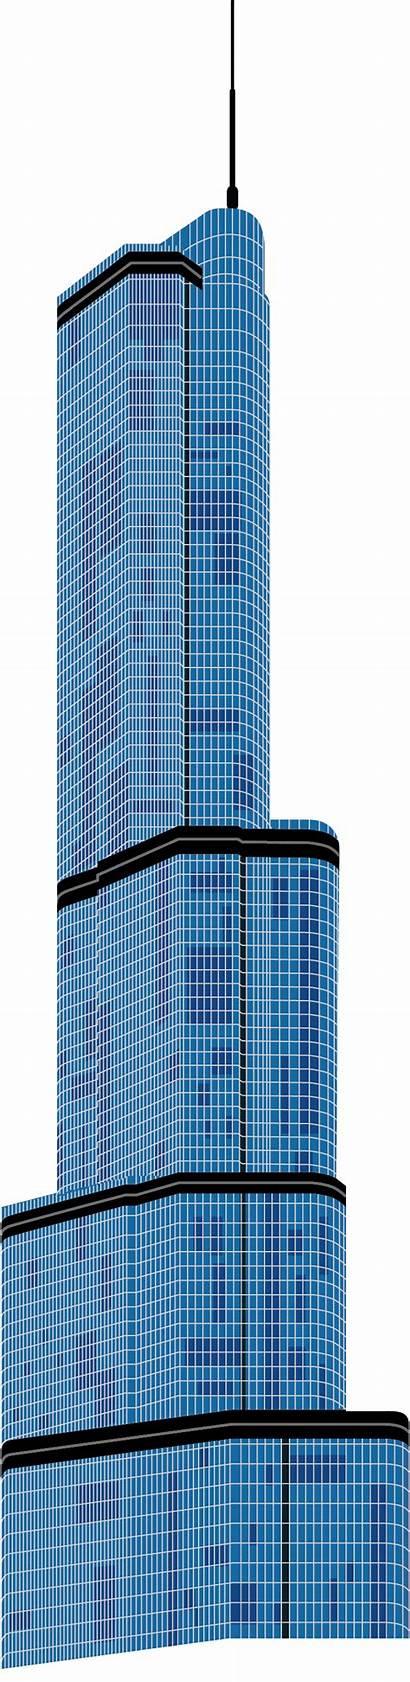 Trump Tower Depaul Carolyn Duff Depaulia Law